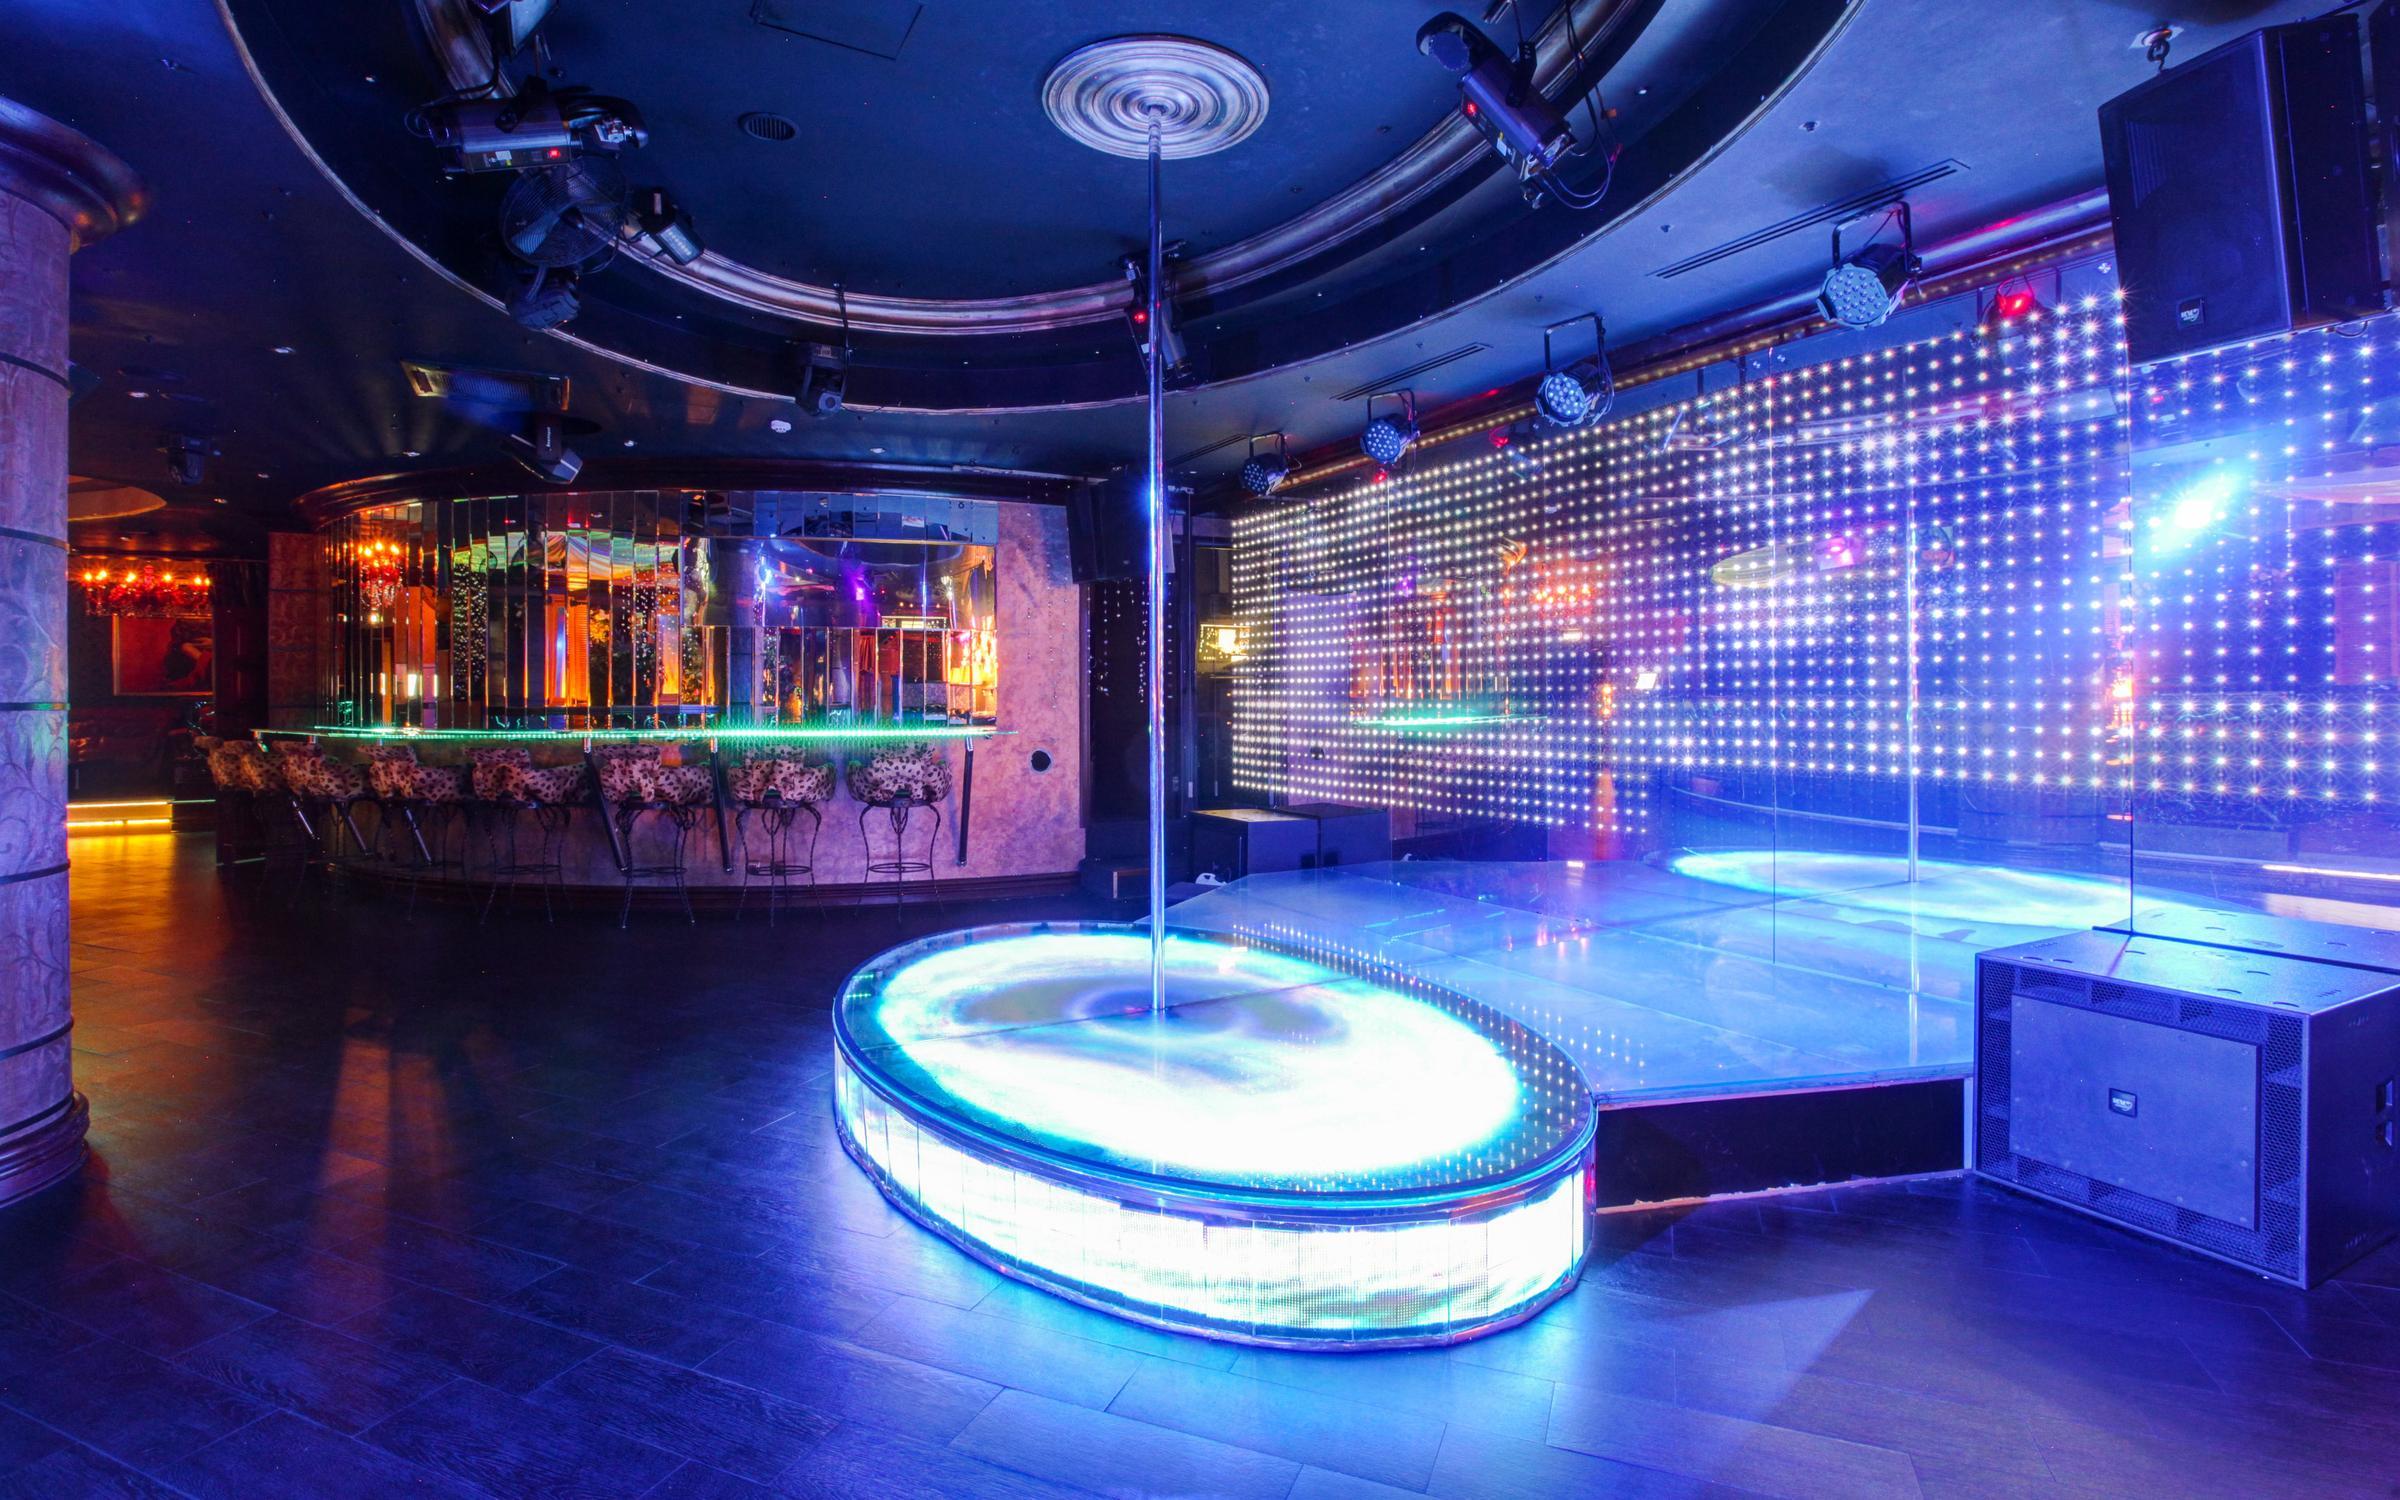 Клуб эгоист пекин в москве официальный сайт ночные клубы д